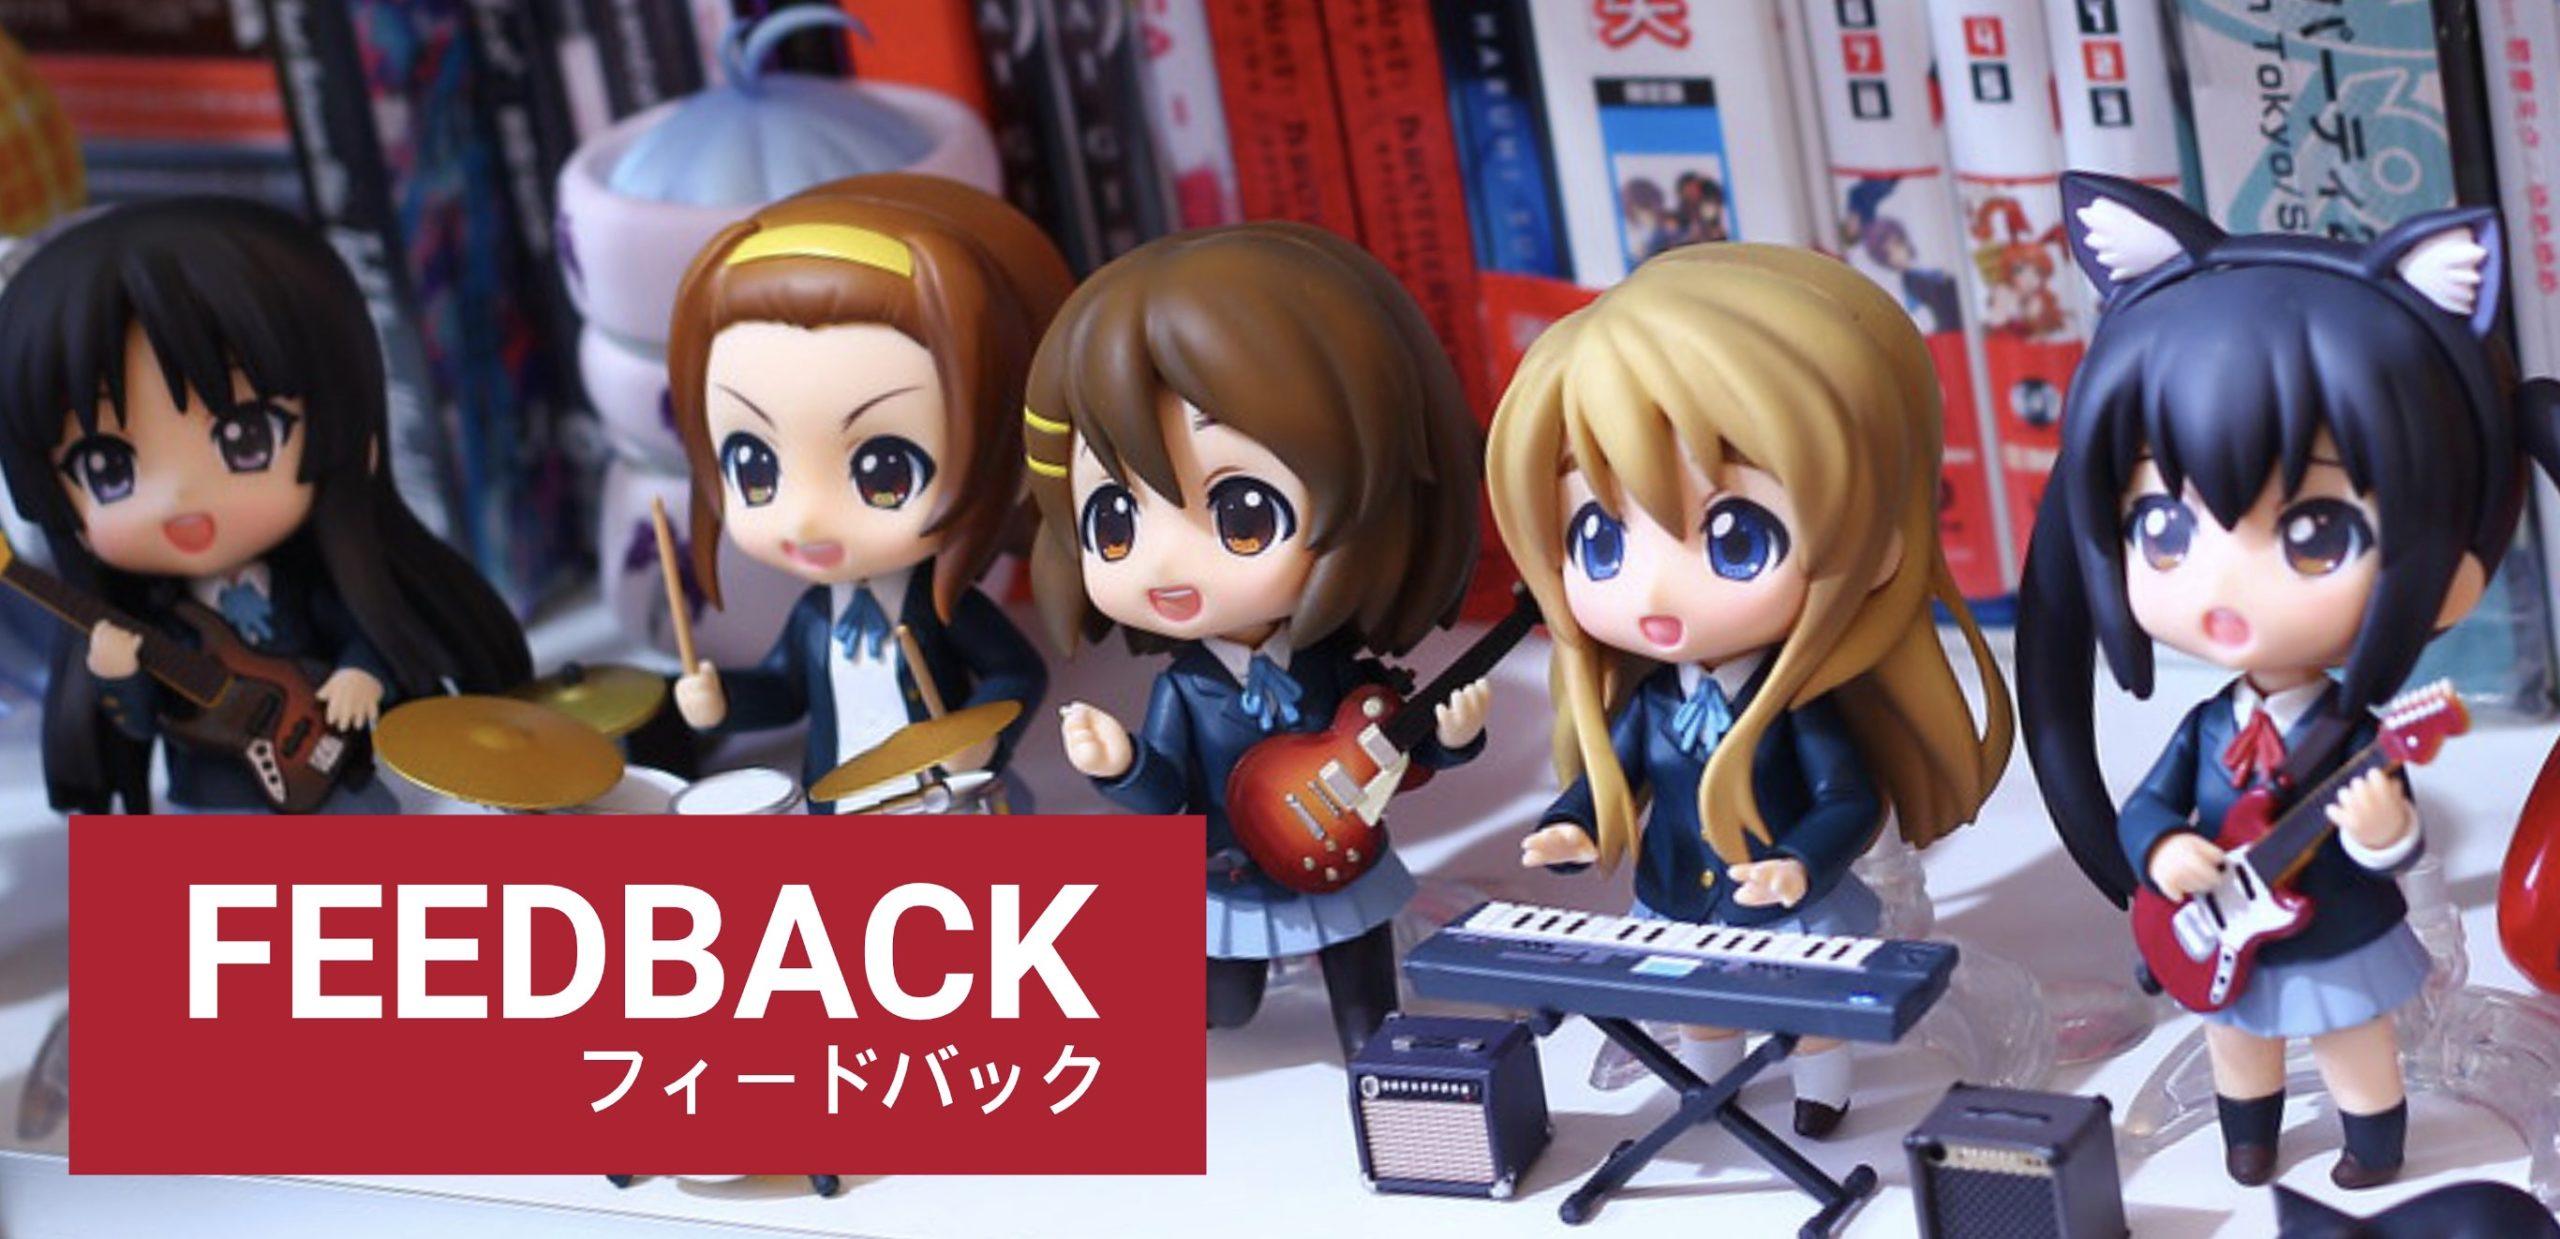 Tienda Figura Anime Chile